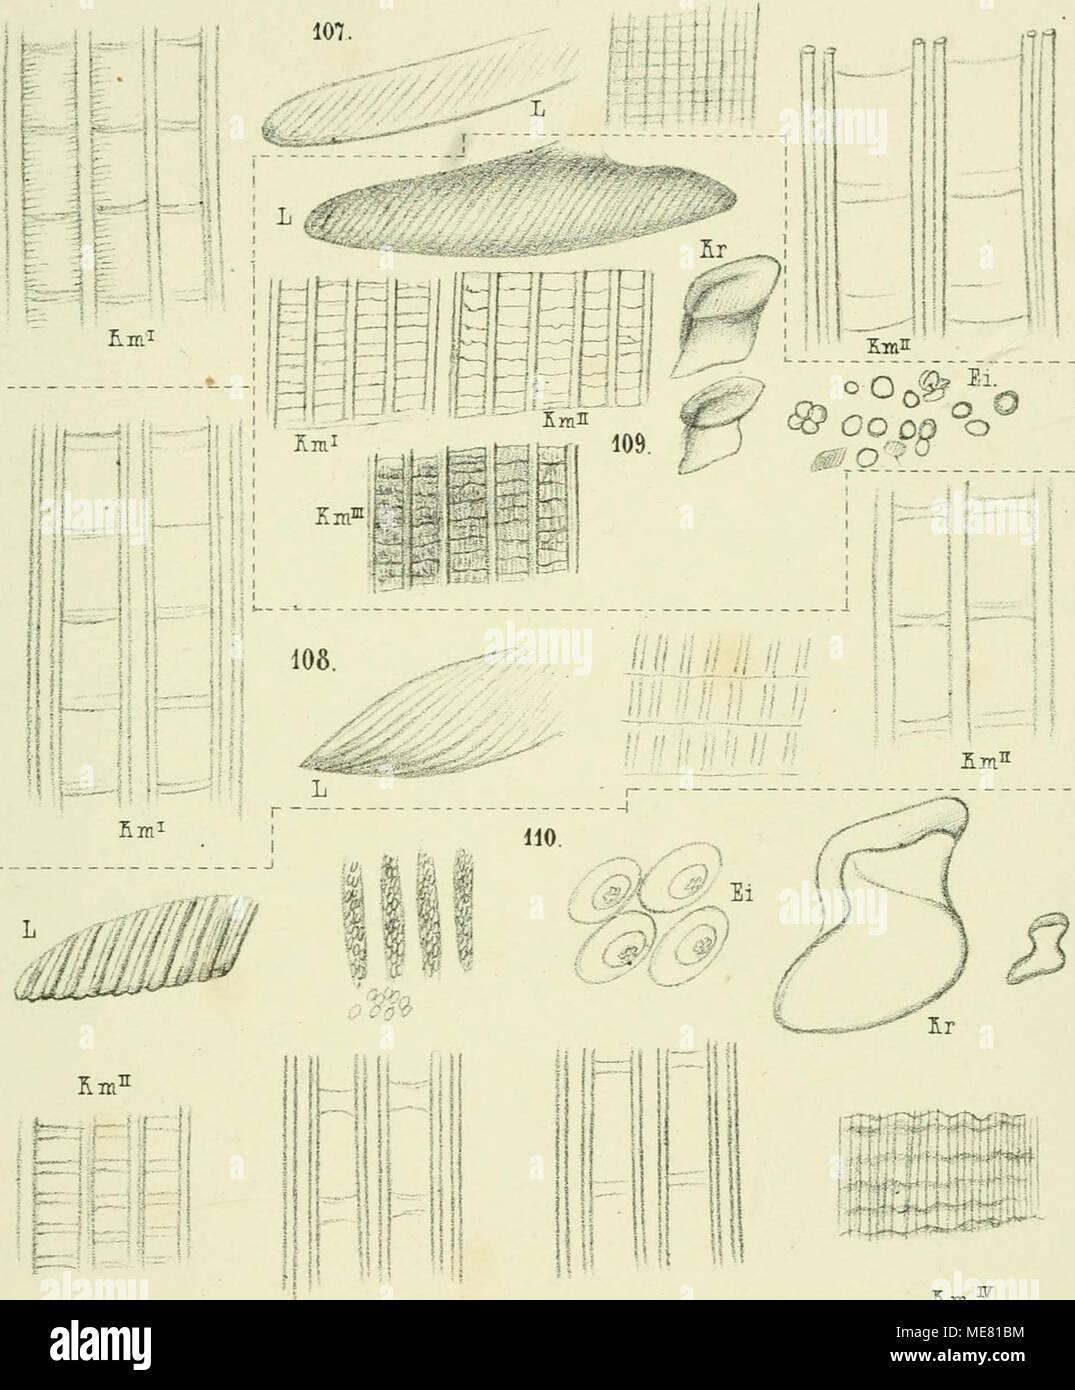 Wunderbar Anatomie Und Terminologie Ideen - Anatomie Ideen - finotti ...